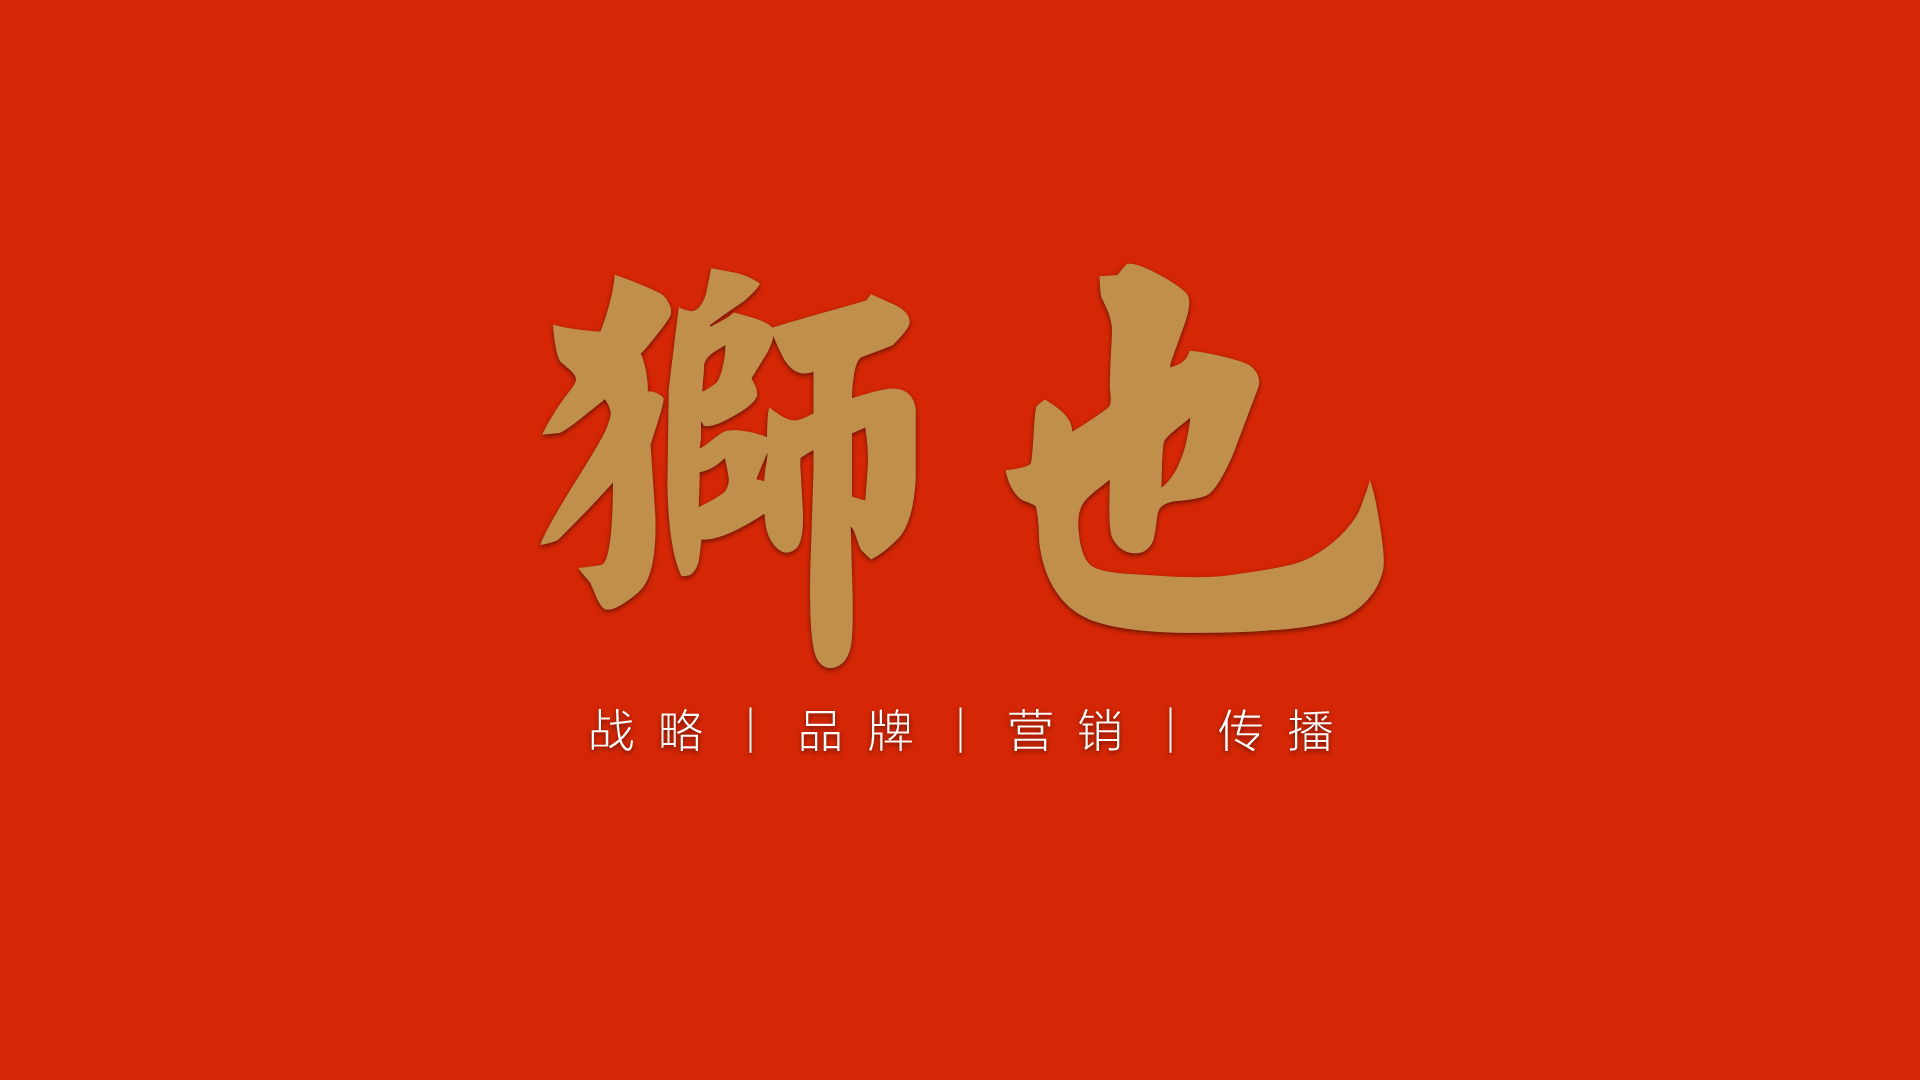 上海营销策划公司—国内最大扑尔敏制造企业 跨界做凉茶被套